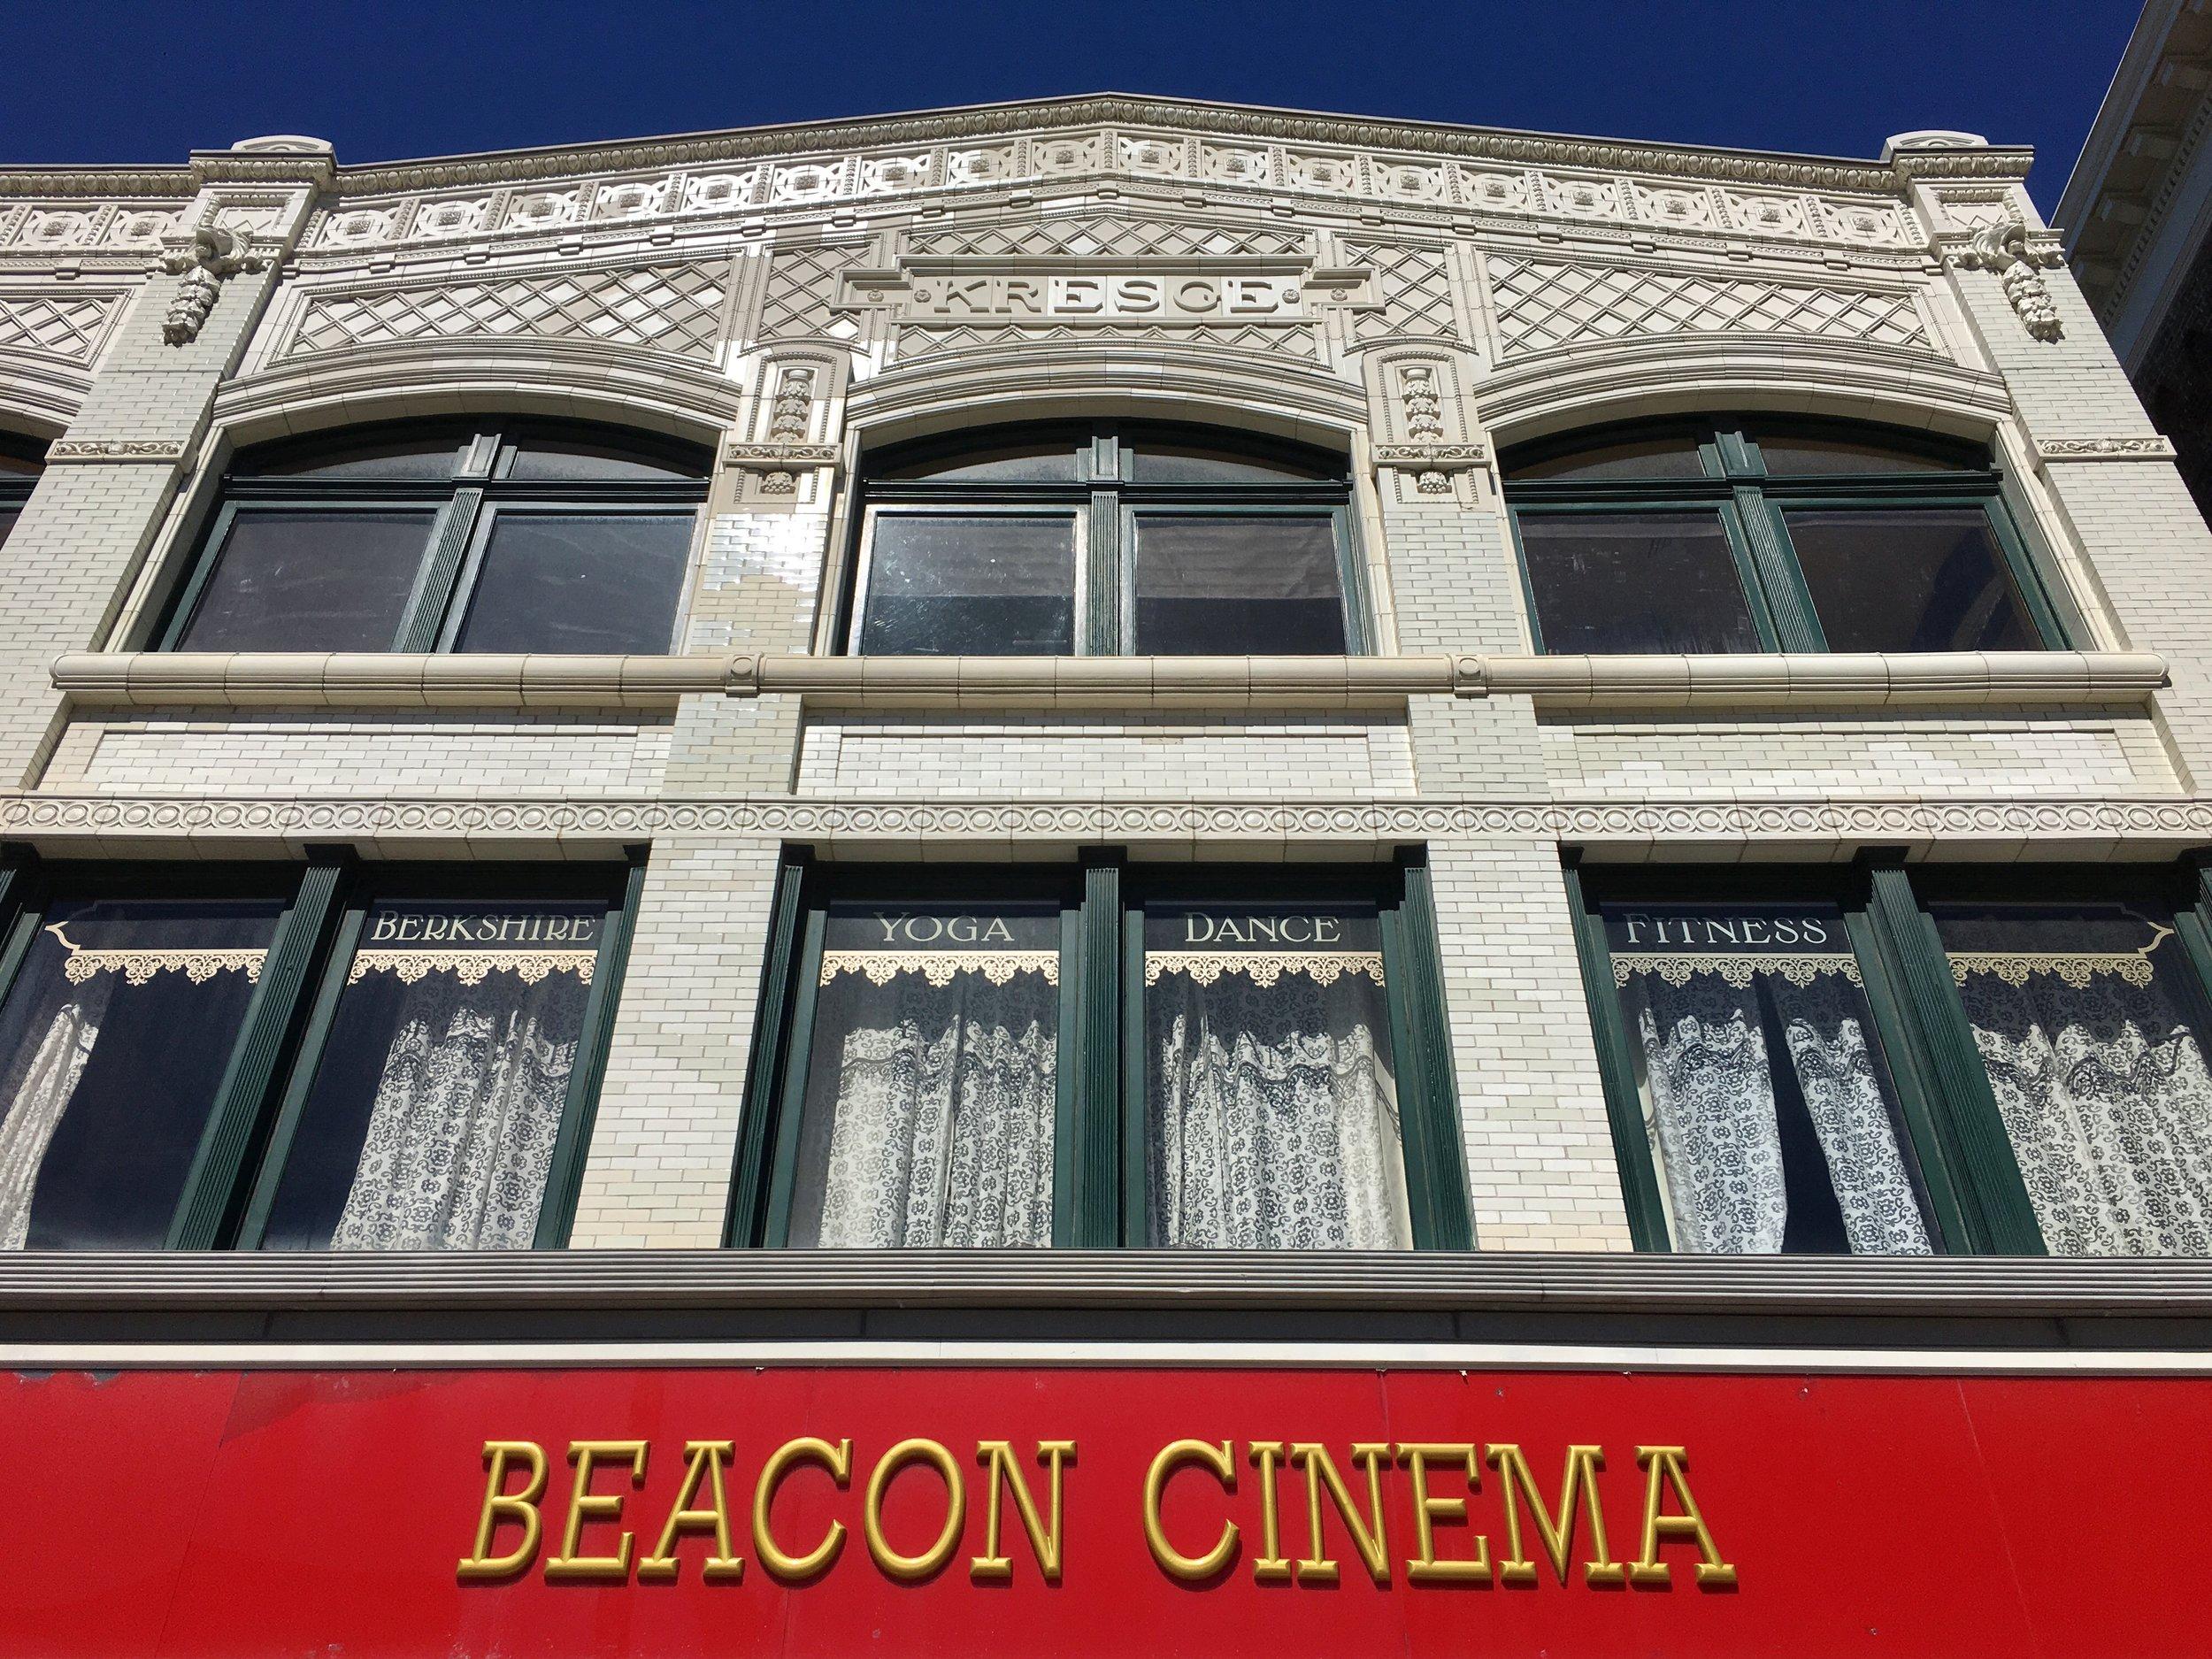 The Beacon Cinema